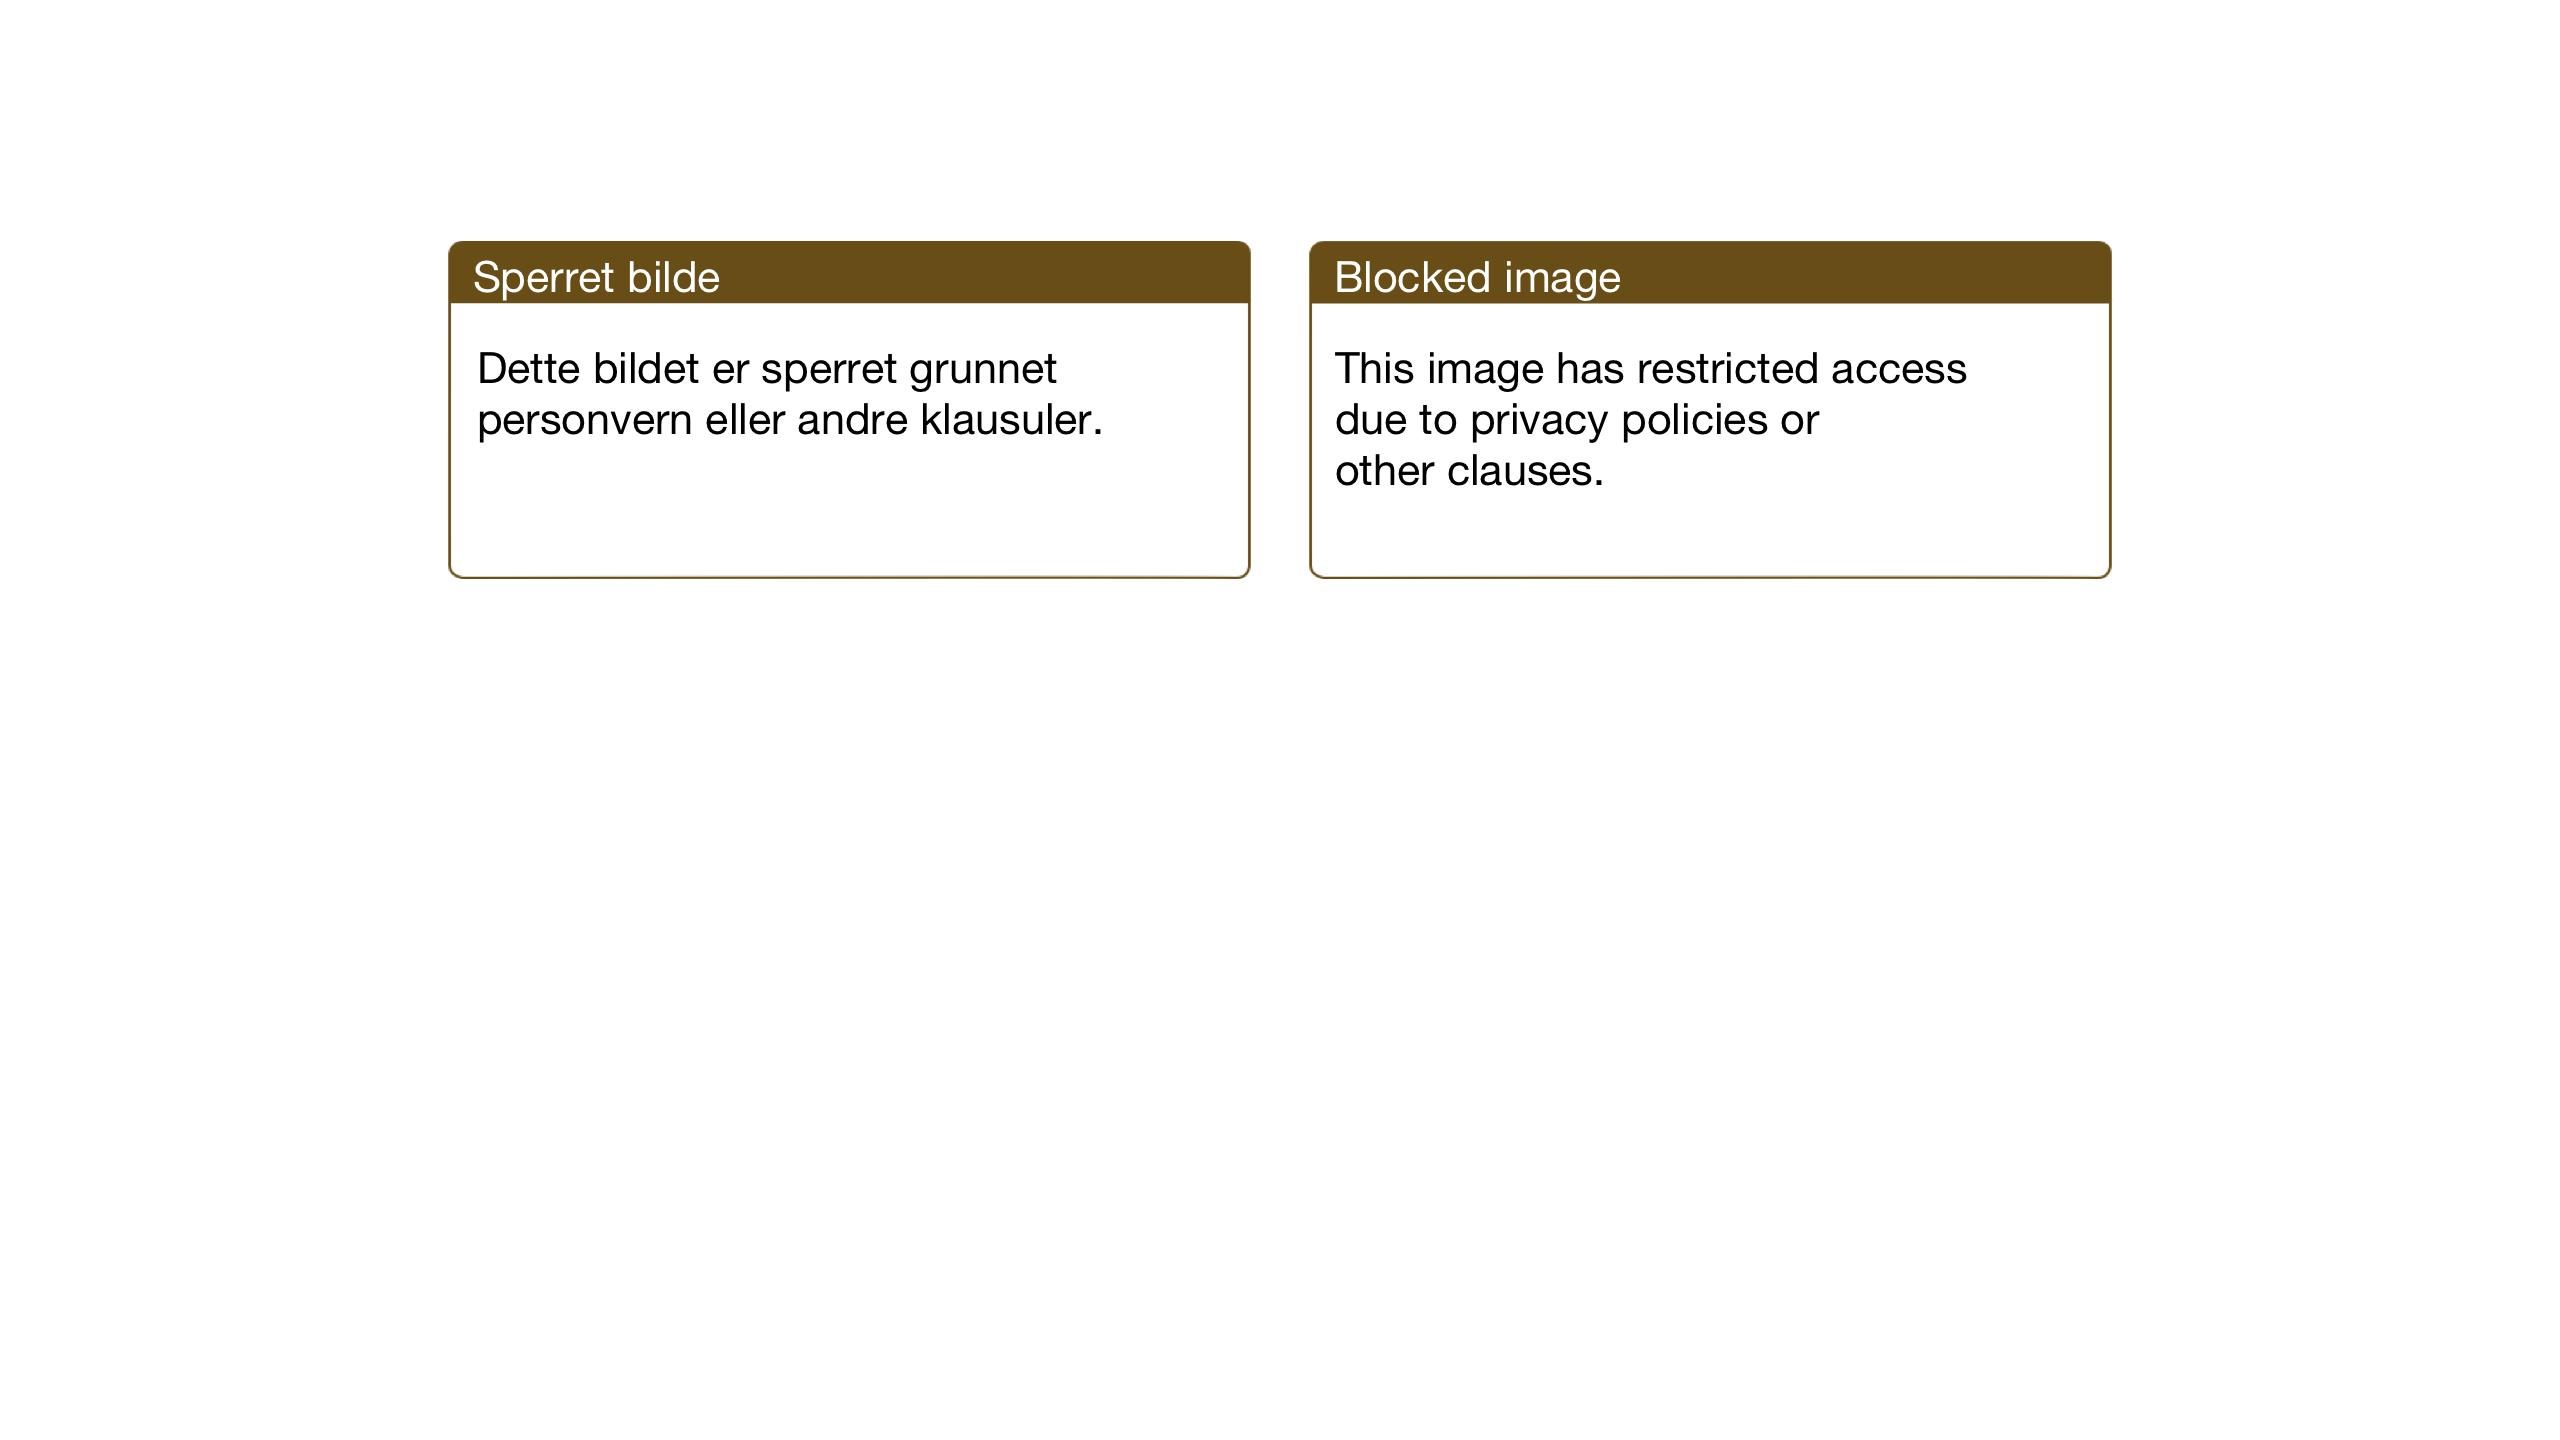 SAT, Ministerialprotokoller, klokkerbøker og fødselsregistre - Sør-Trøndelag, 674/L0878: Klokkerbok nr. 674C05, 1941-1950, s. 83